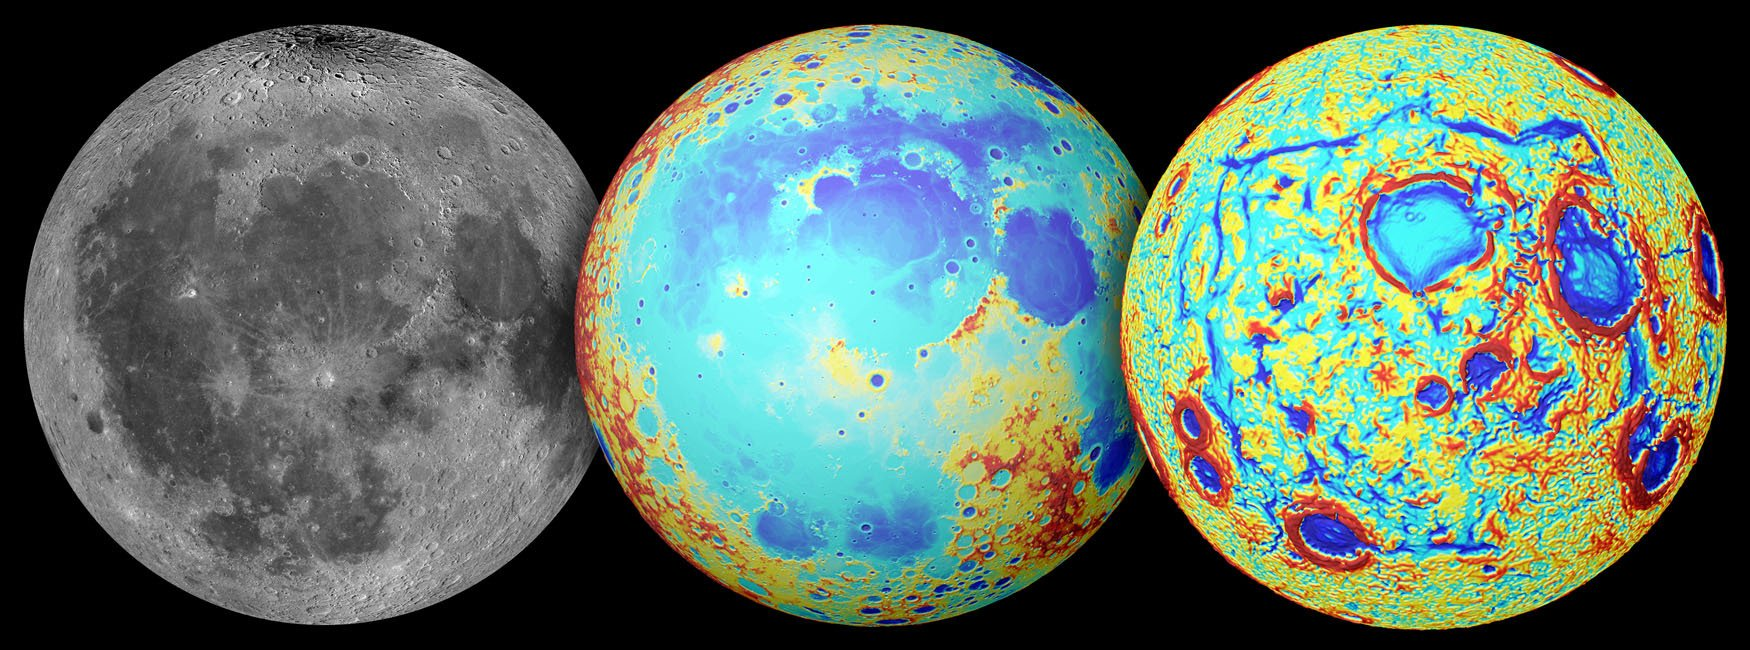 Rechteckige Strukturen auf dem Mond deuten auf Vulkanismus hin.